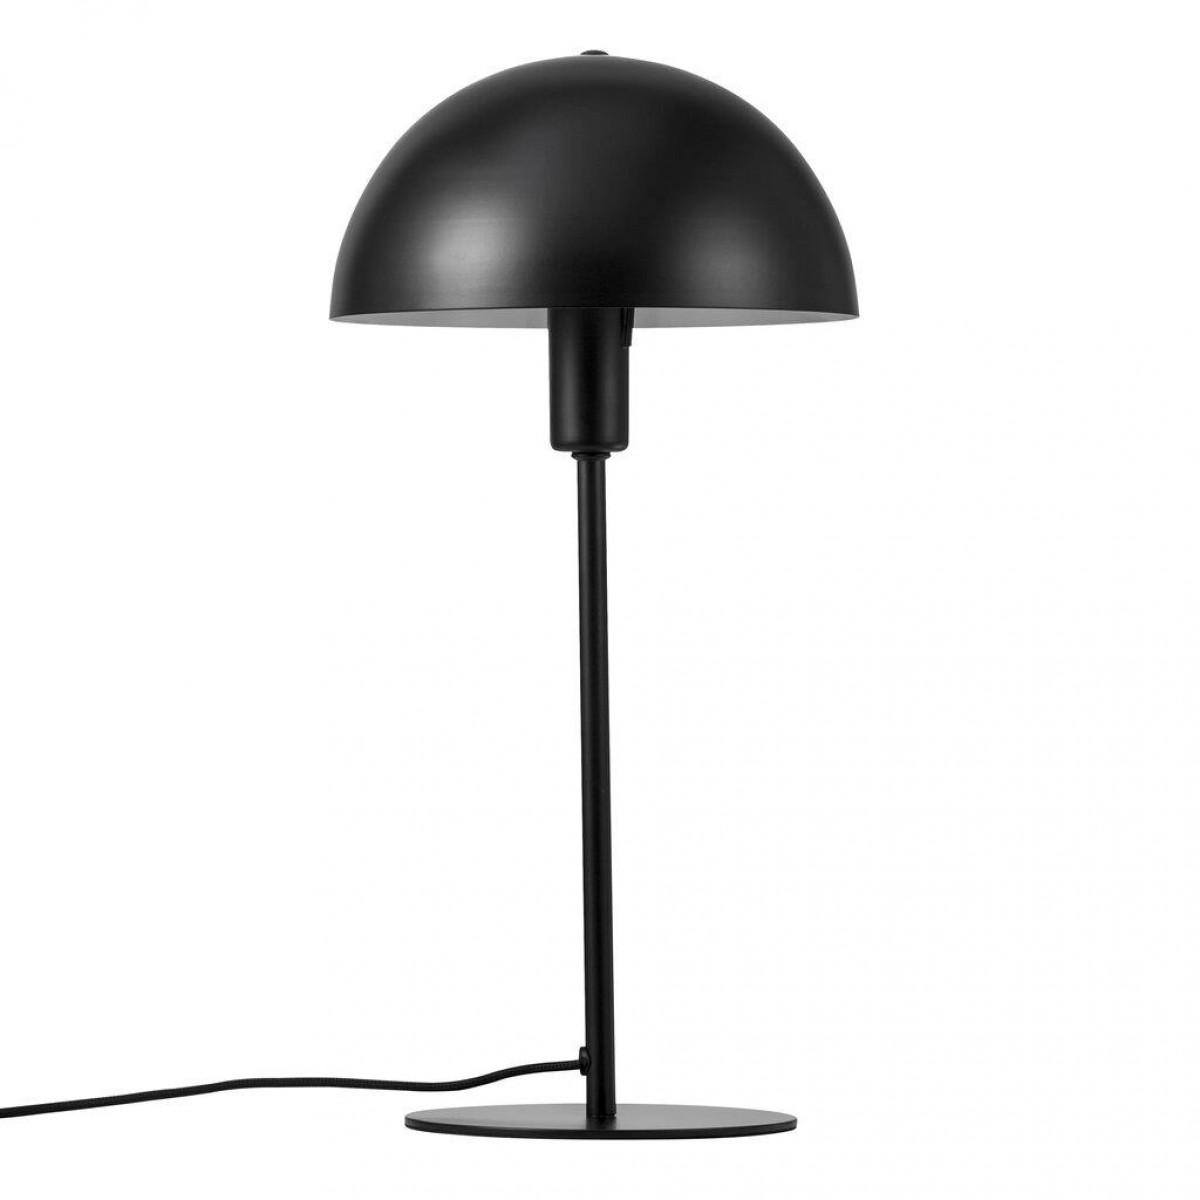 NORDLUX Bordlampe ellen sort